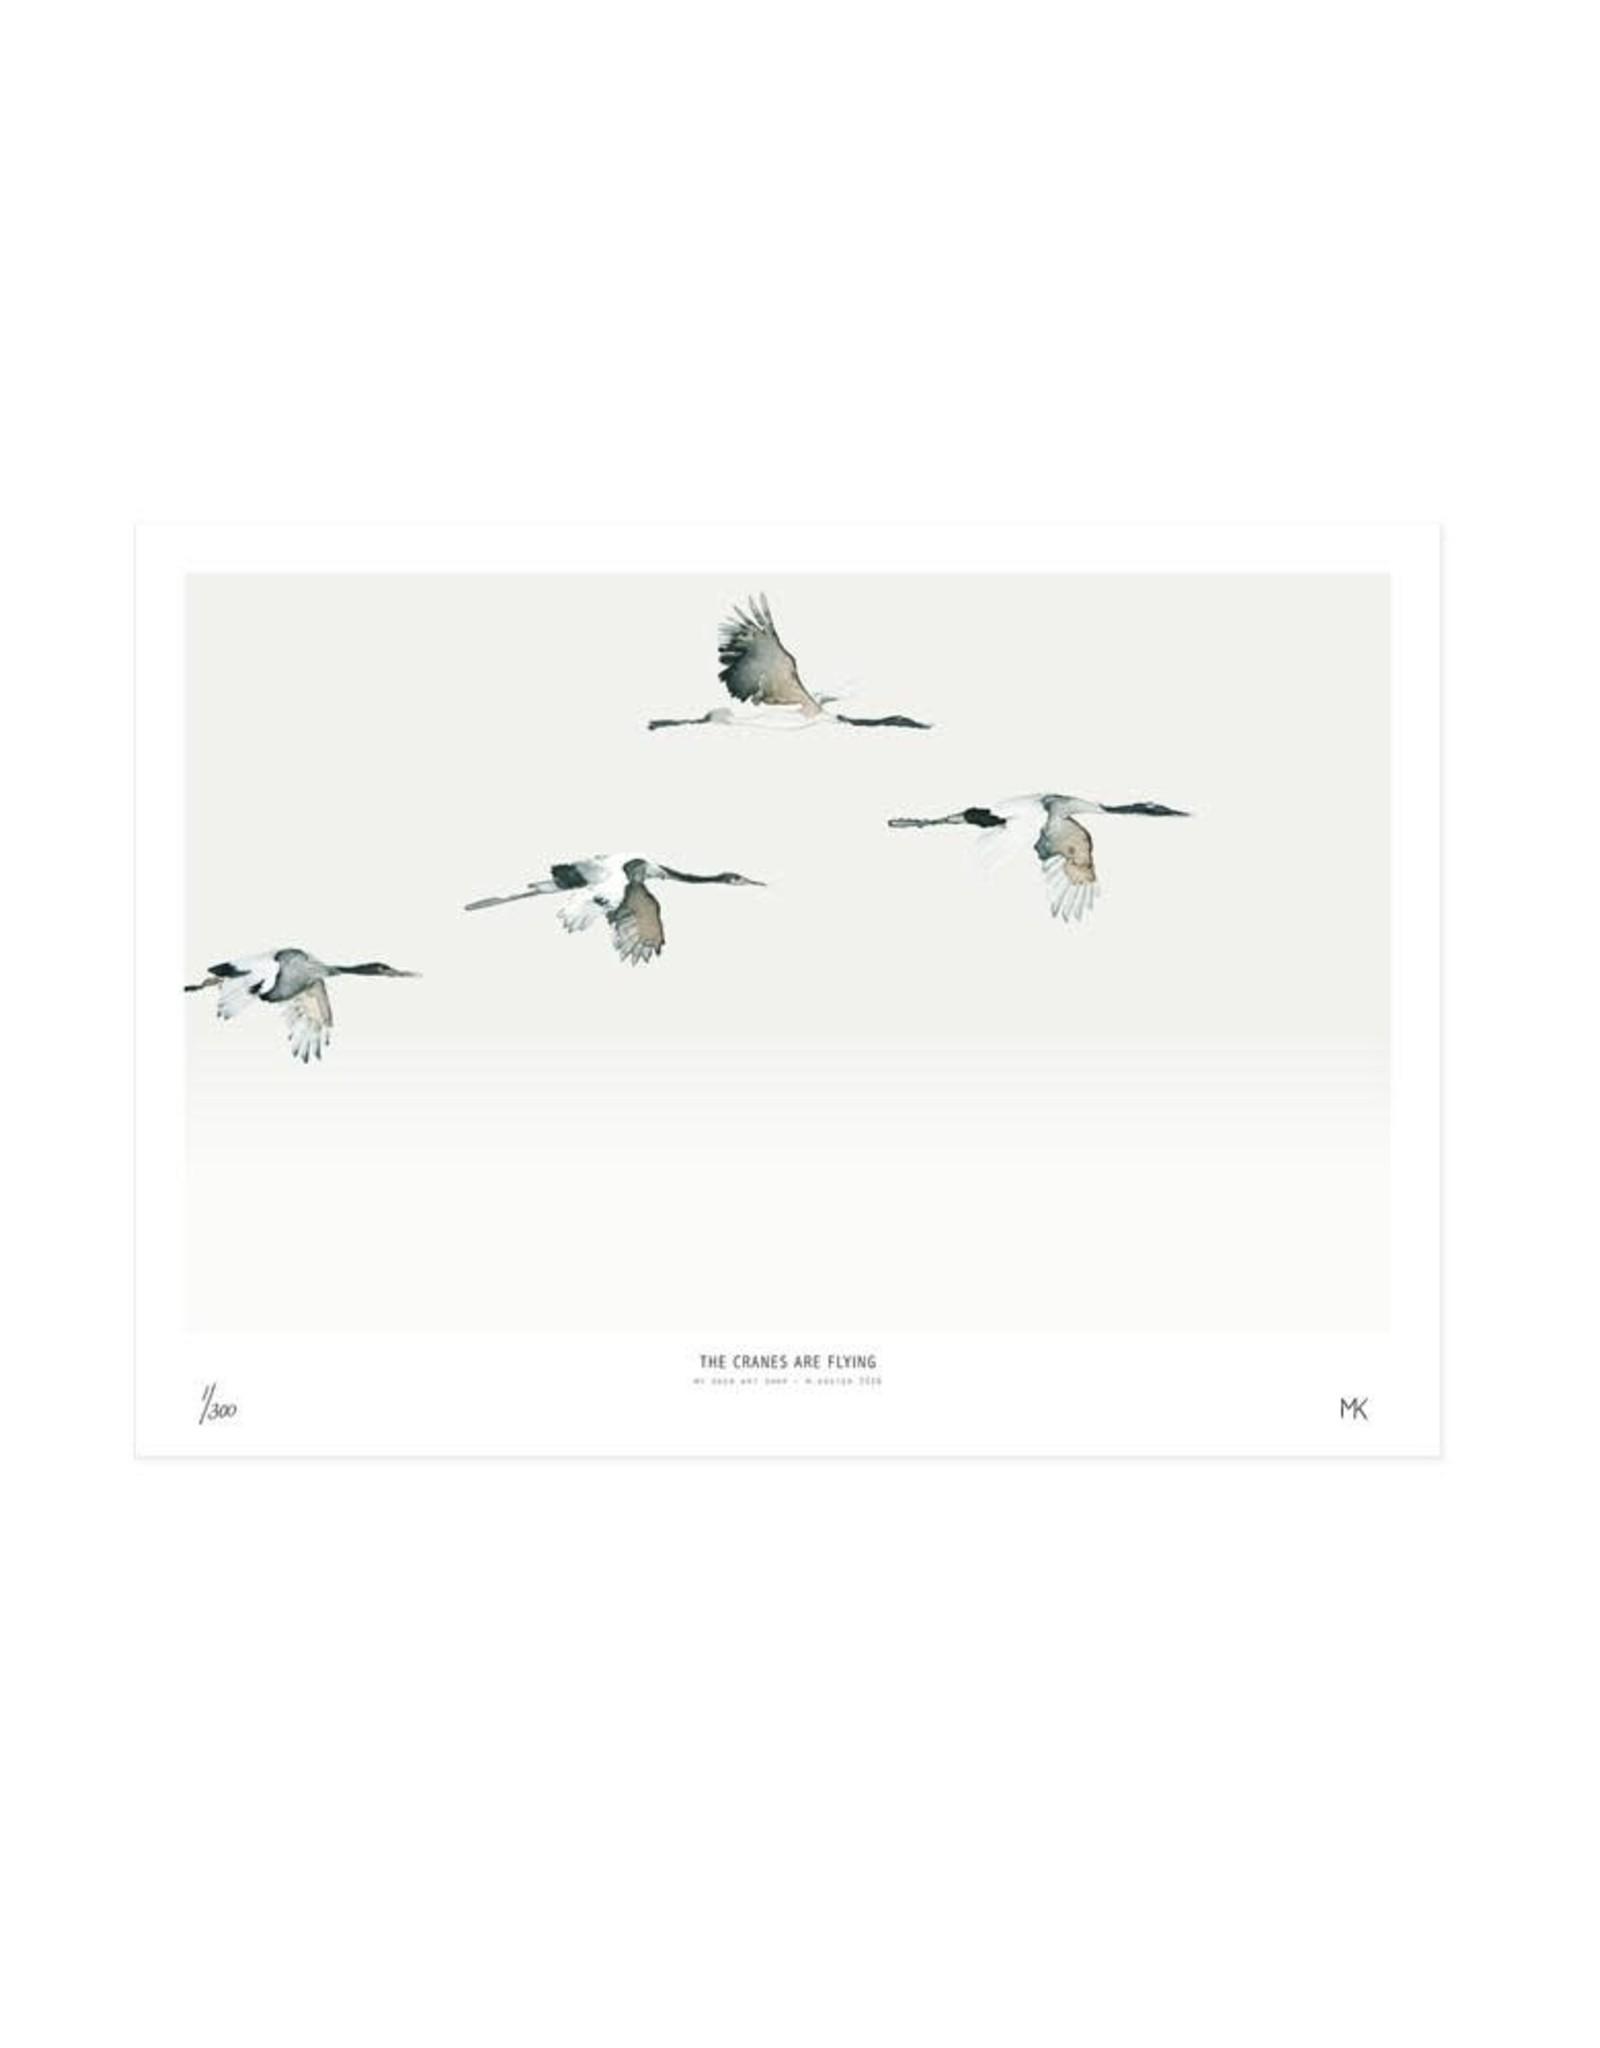 My deer art shop My deer art - The cranes are flying - 40x50